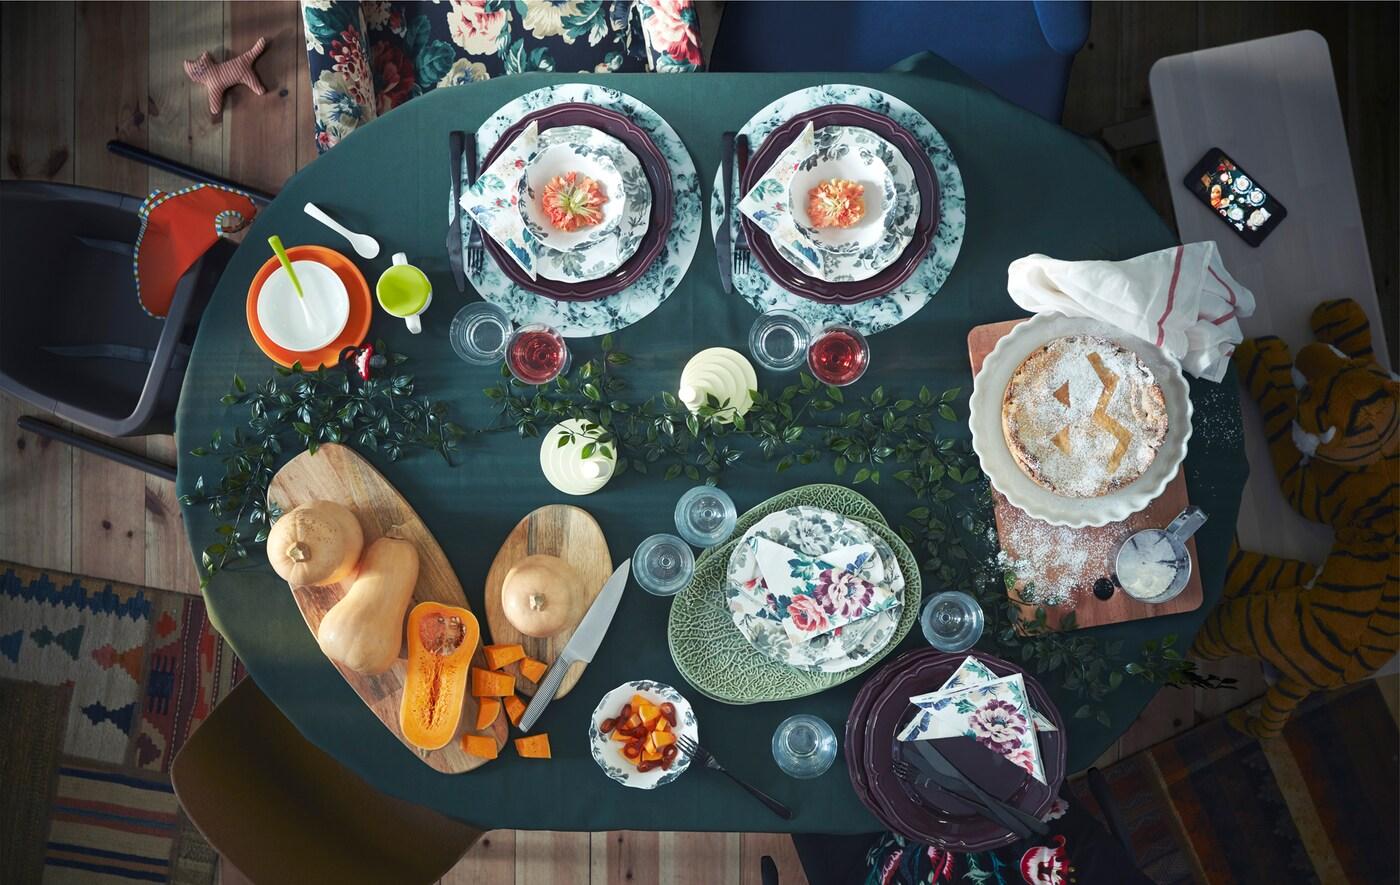 Riunisci tutta la famiglia attorno a un ampio tavolo da pranzo come INGATORP di IKEA per trascorrere dei bei momenti insieme.